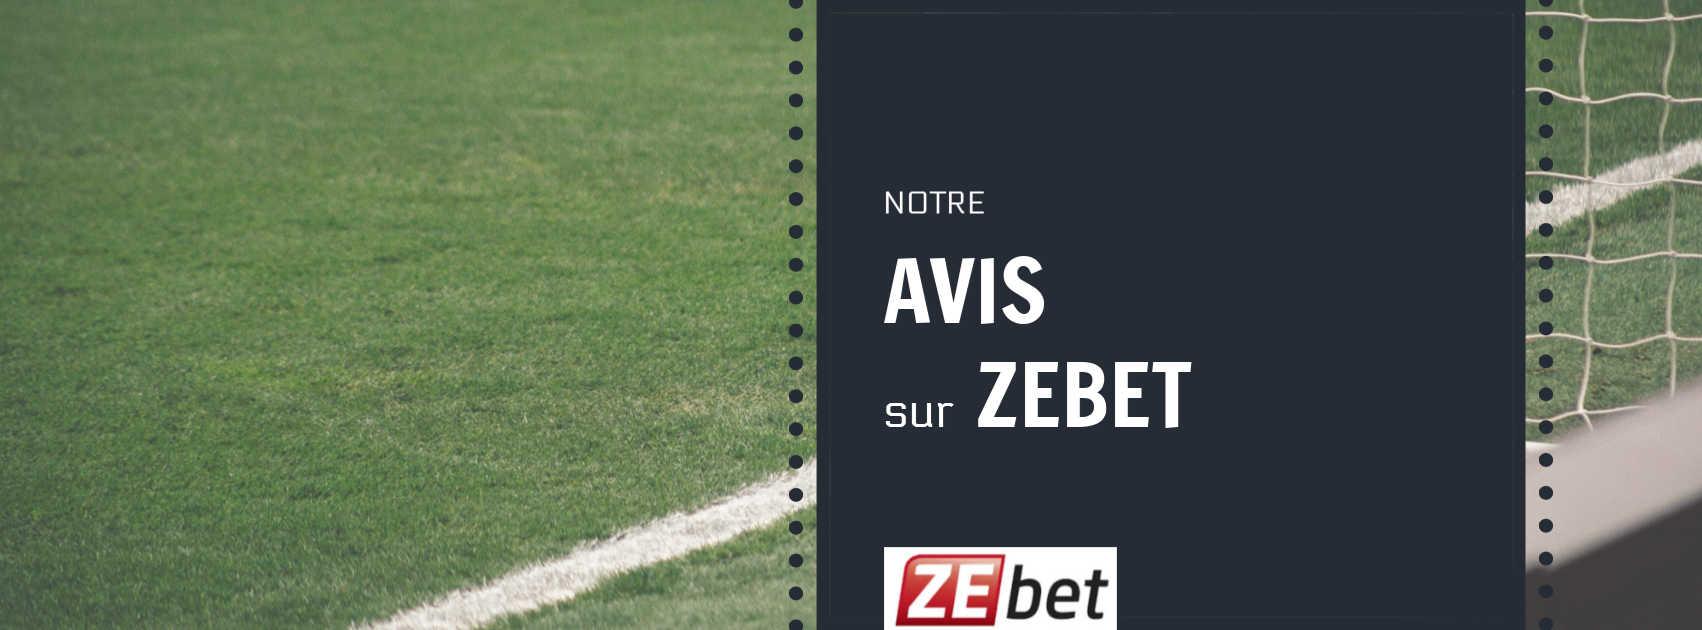 comparaison et avis site de paris zebet